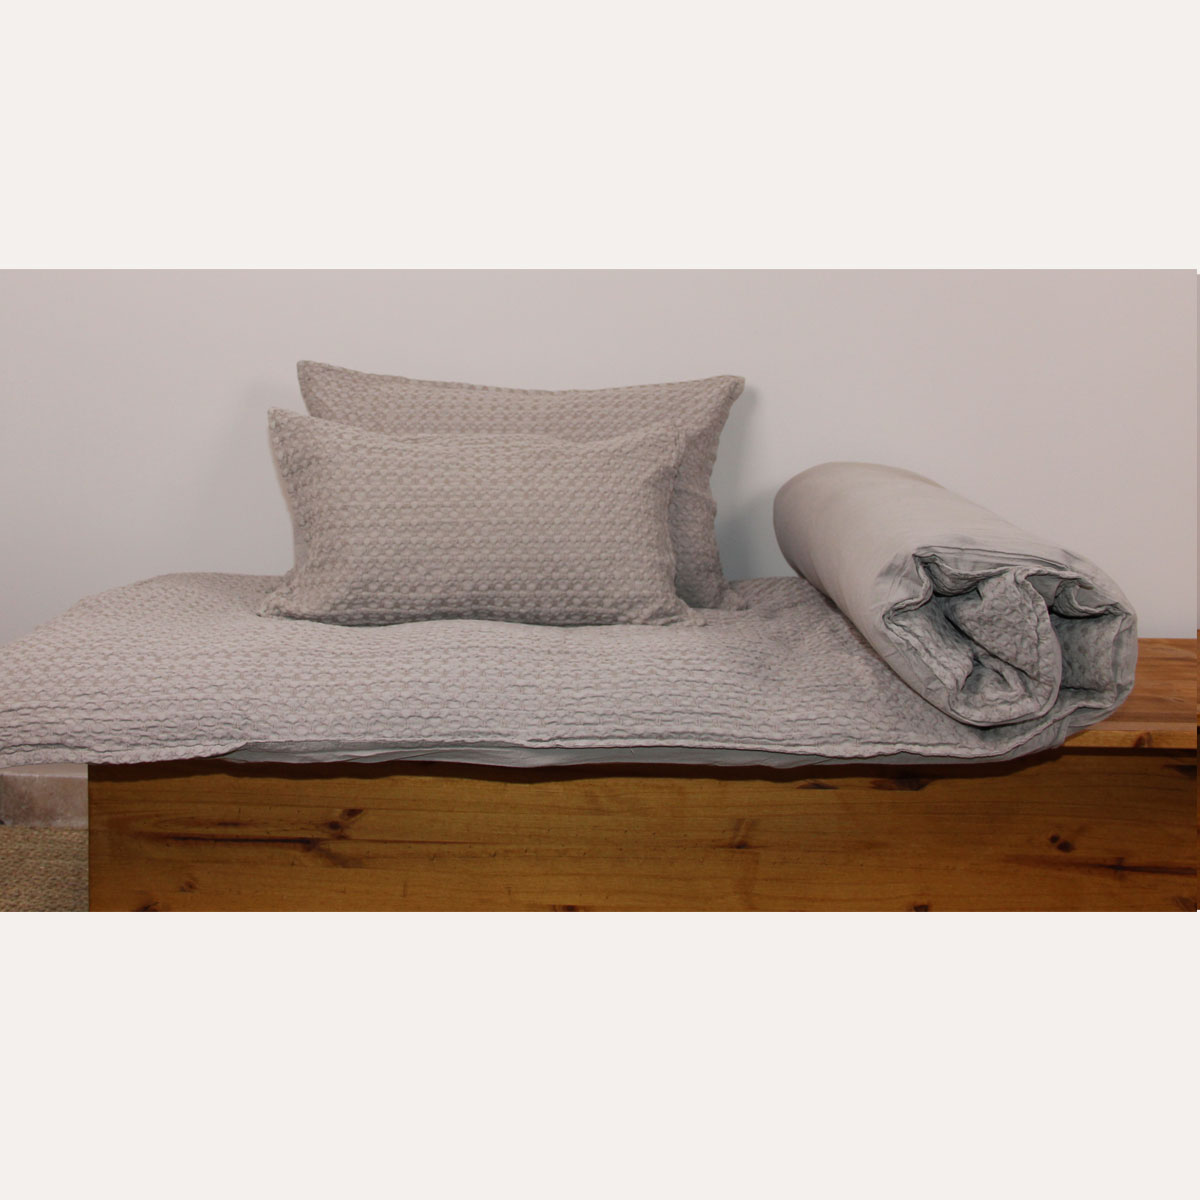 Housse d'édredon unie et colorée - Taupe - 80 x 200 cm